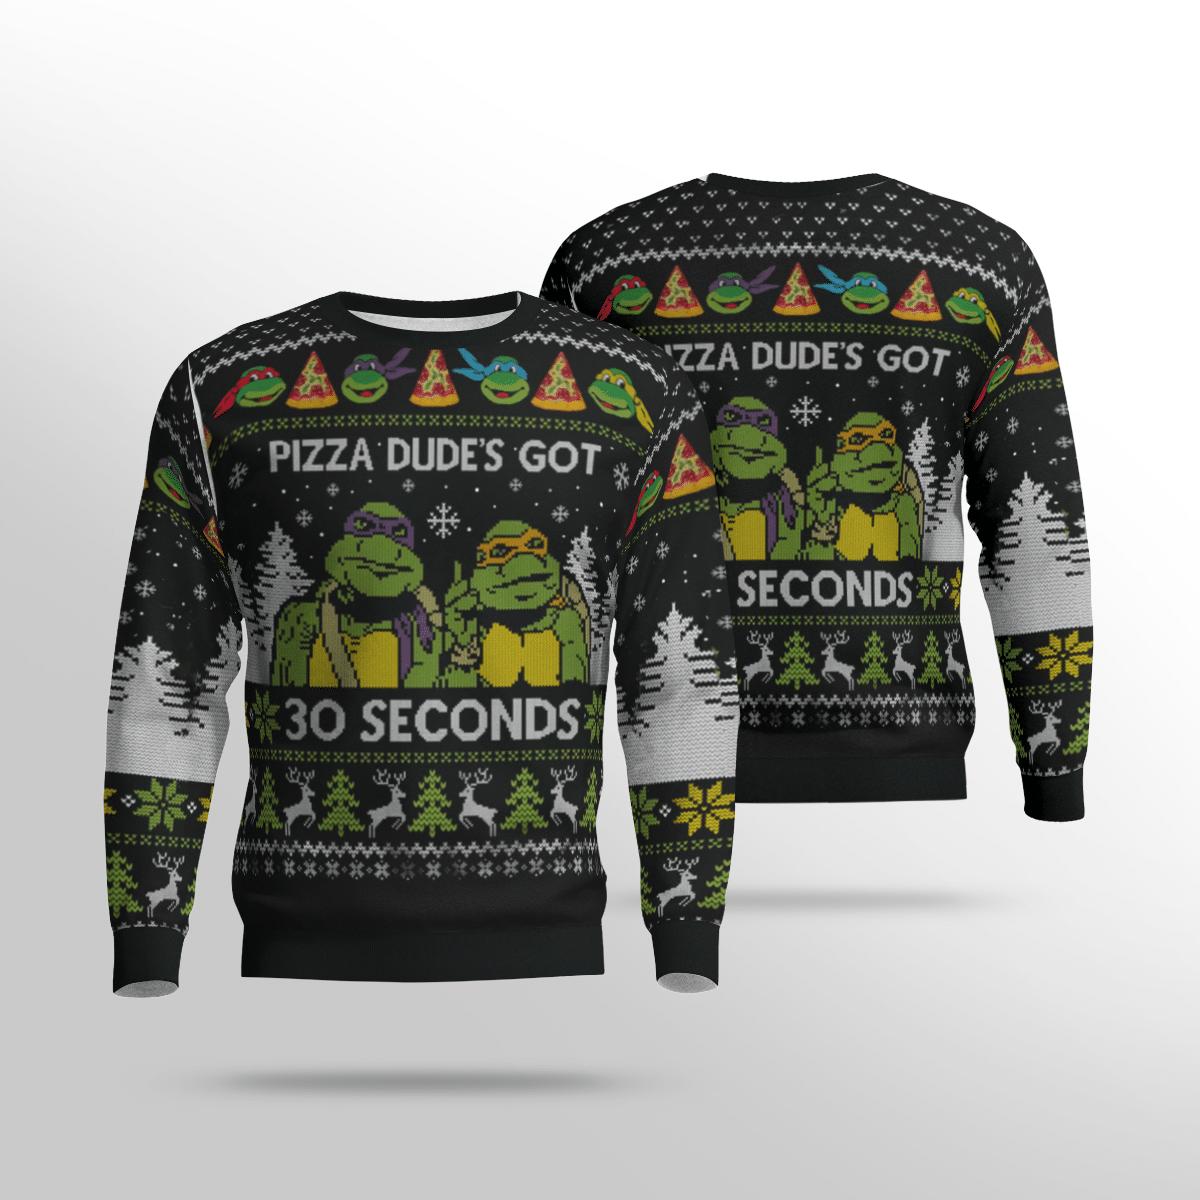 MICHENAGELO and DONATELLO Pizza Dude's Got 30 Seconds Sweater